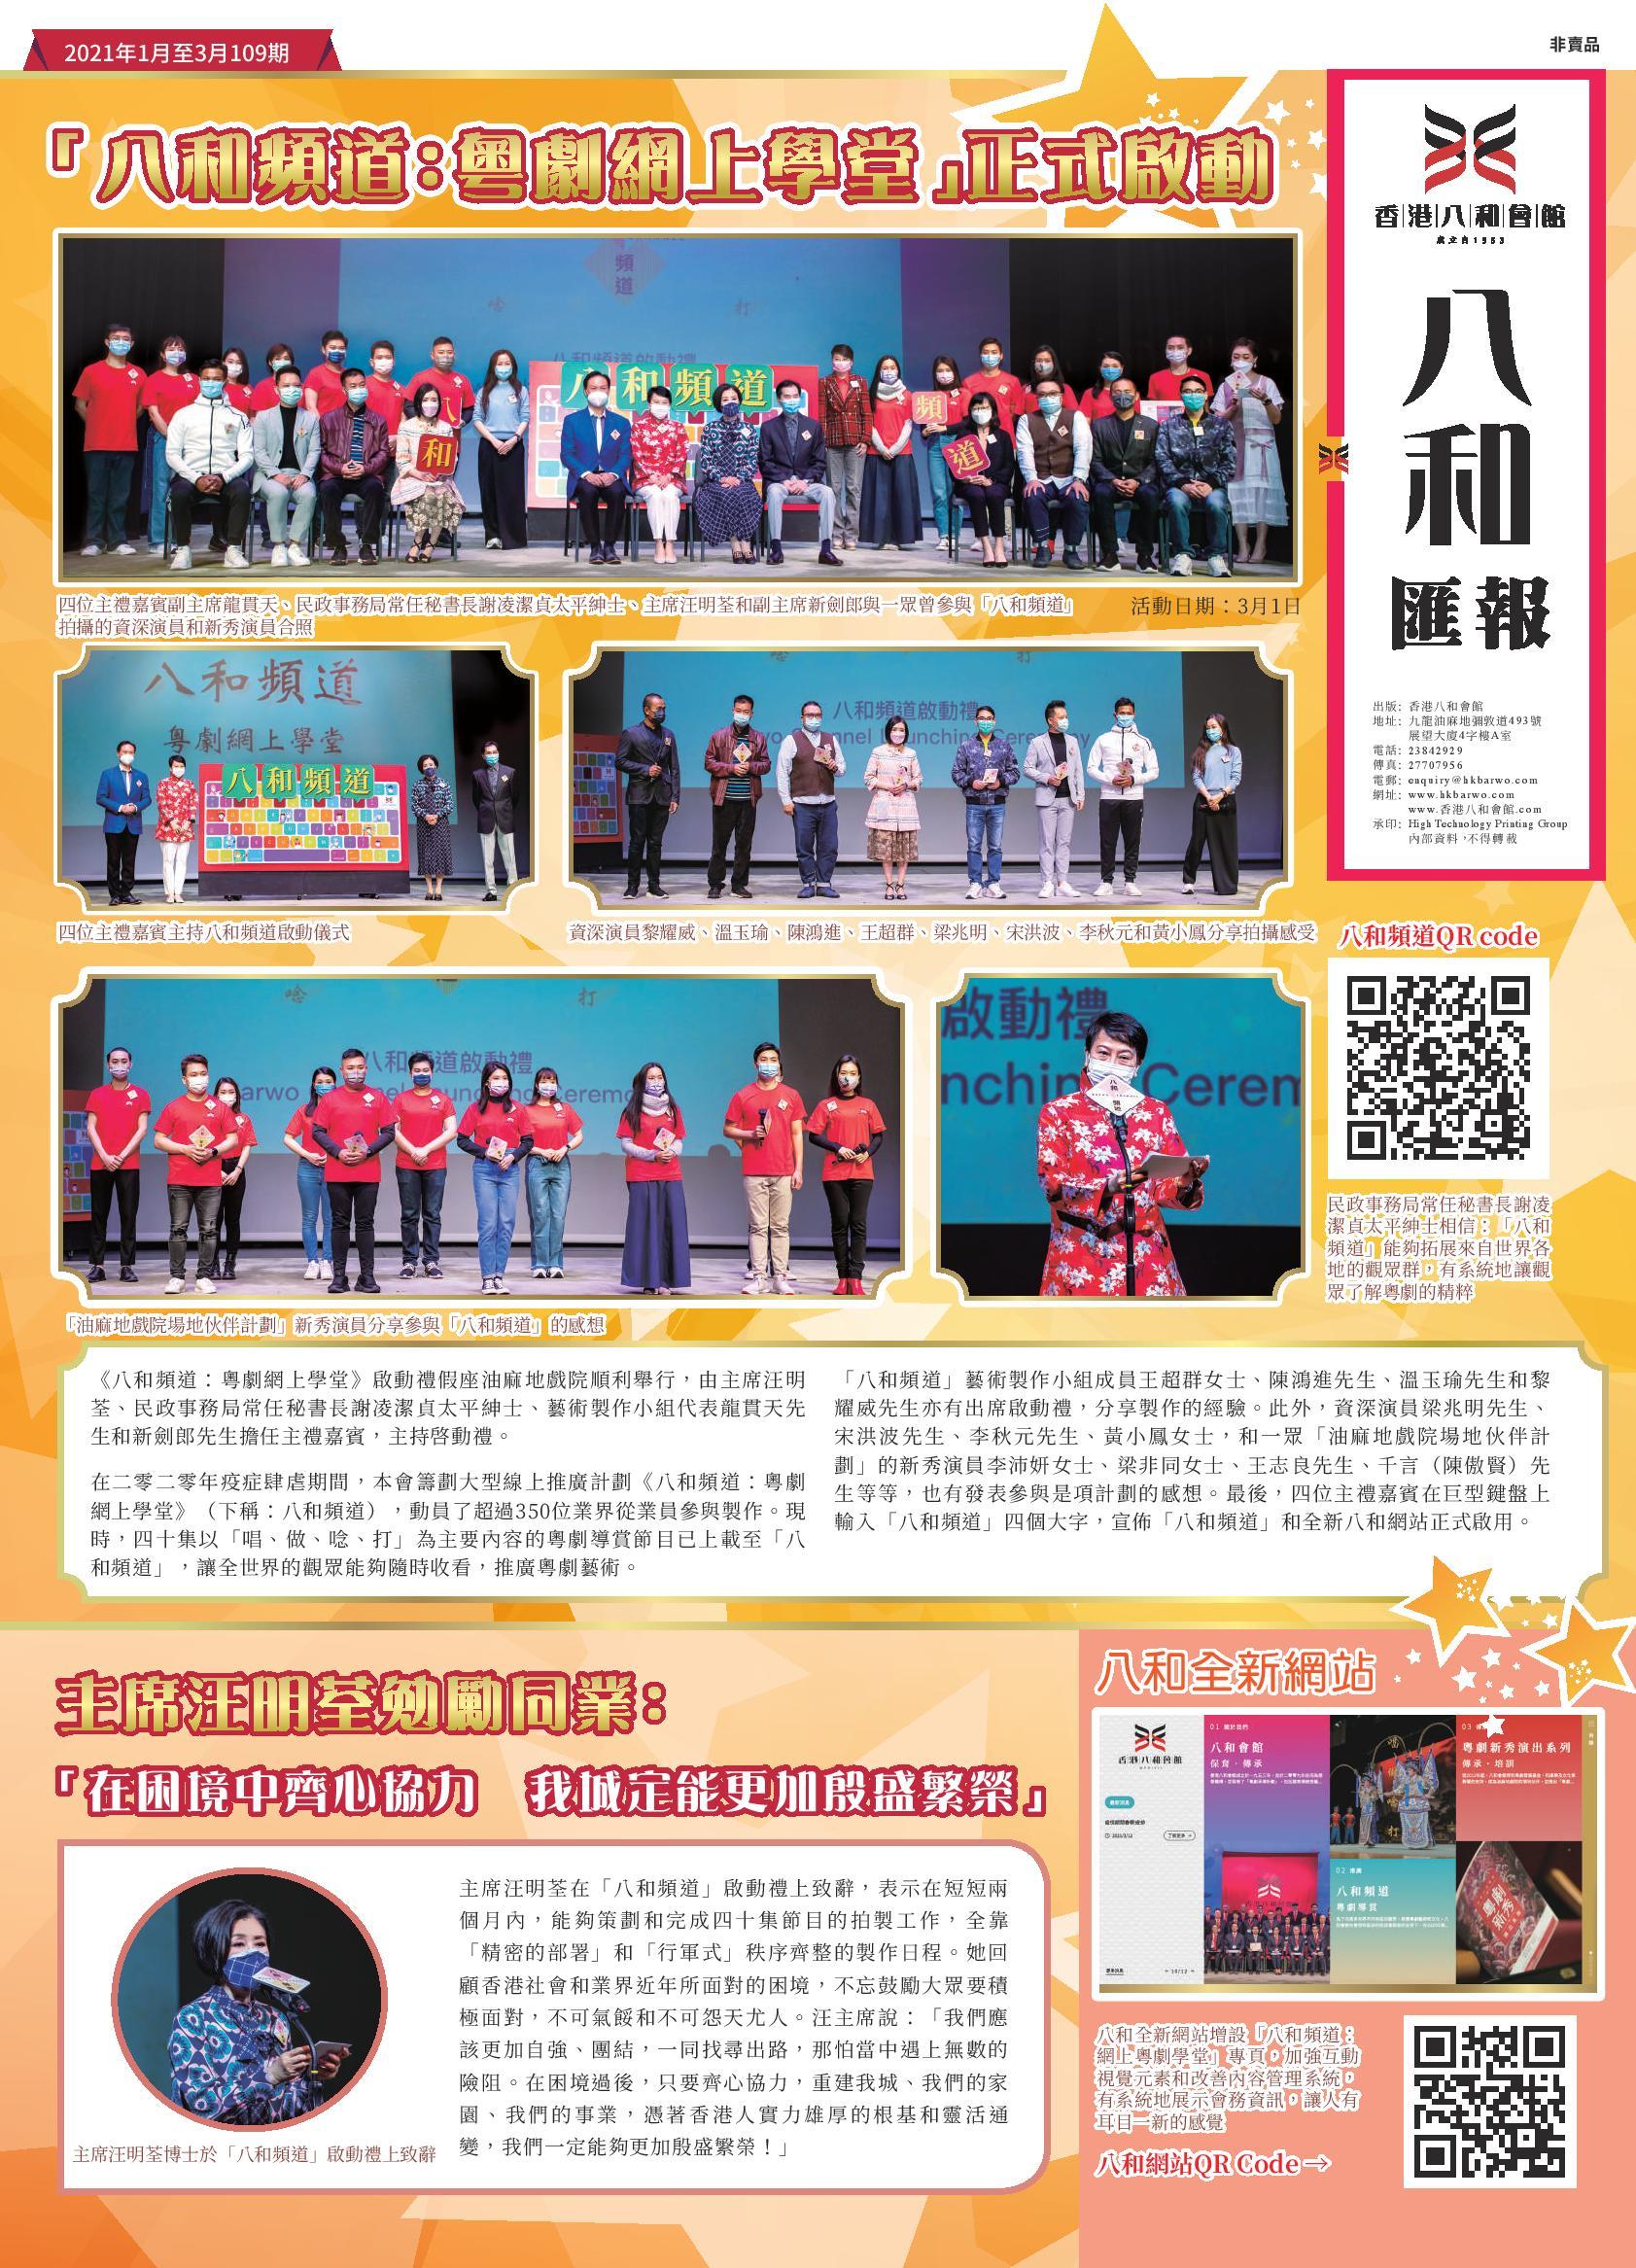 3月1日「八和頻道:粵劇網上學堂」啟動禮報導及主席致辭